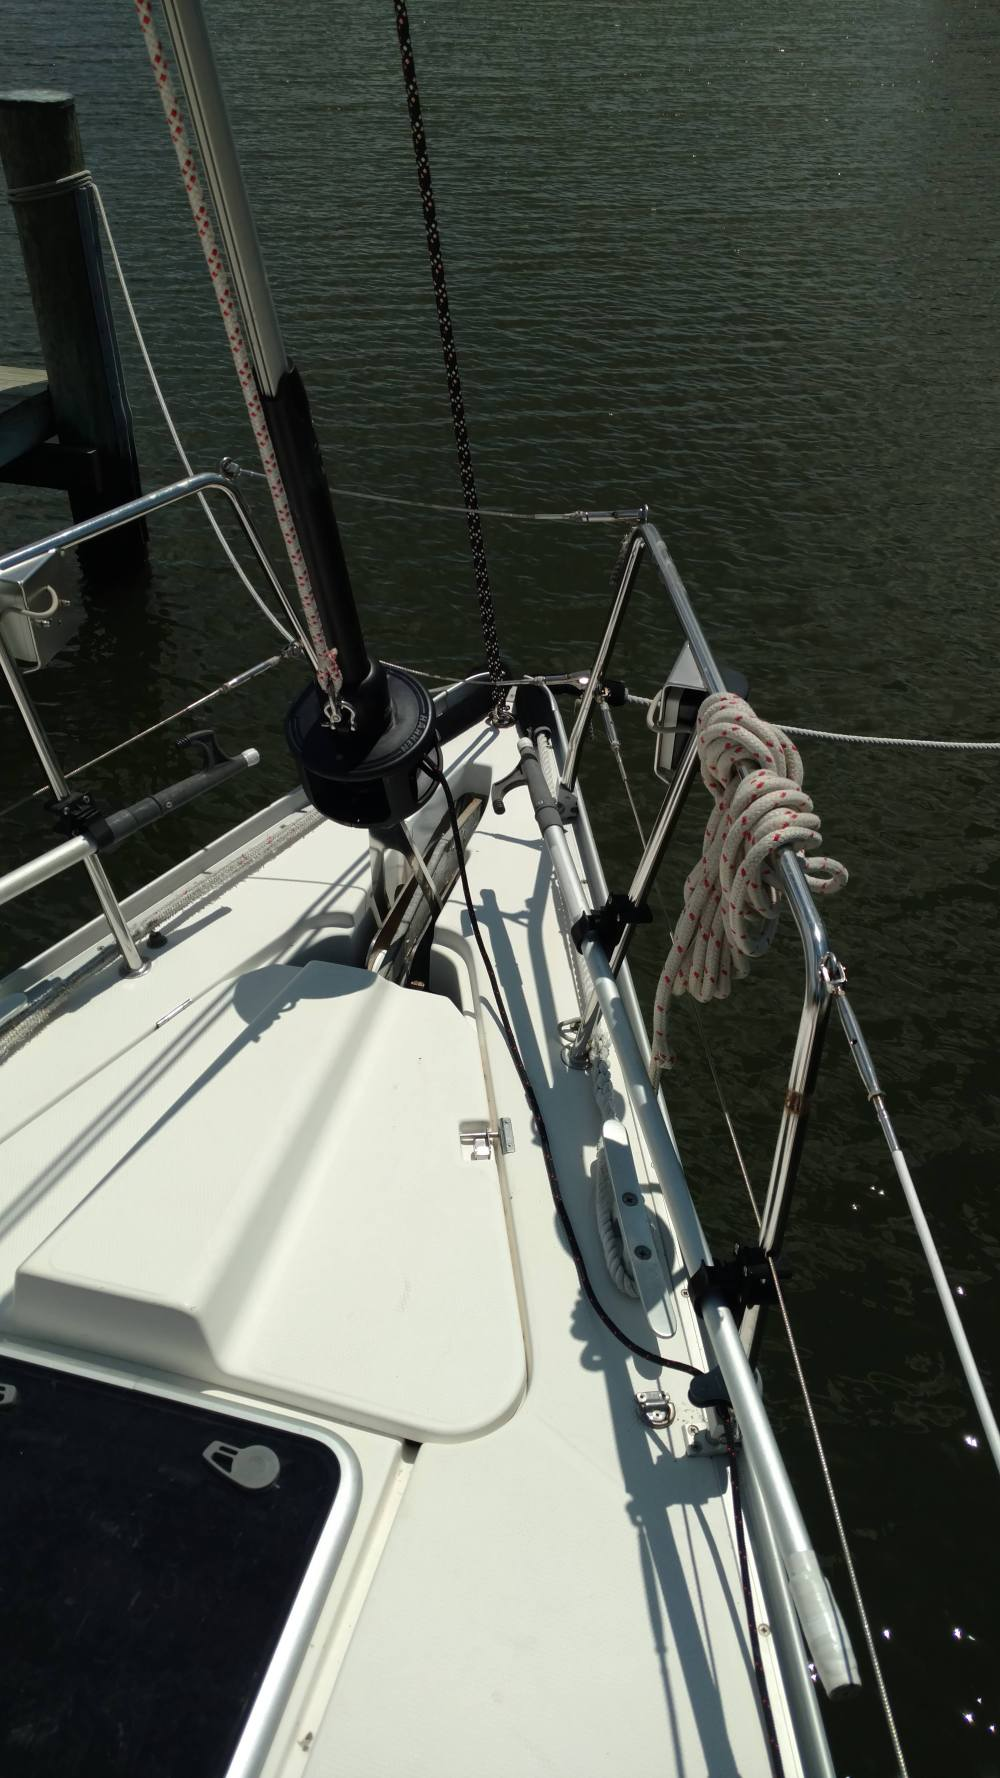 Dufour 43 TRC Tall mast. New Harken Headsail Furler.